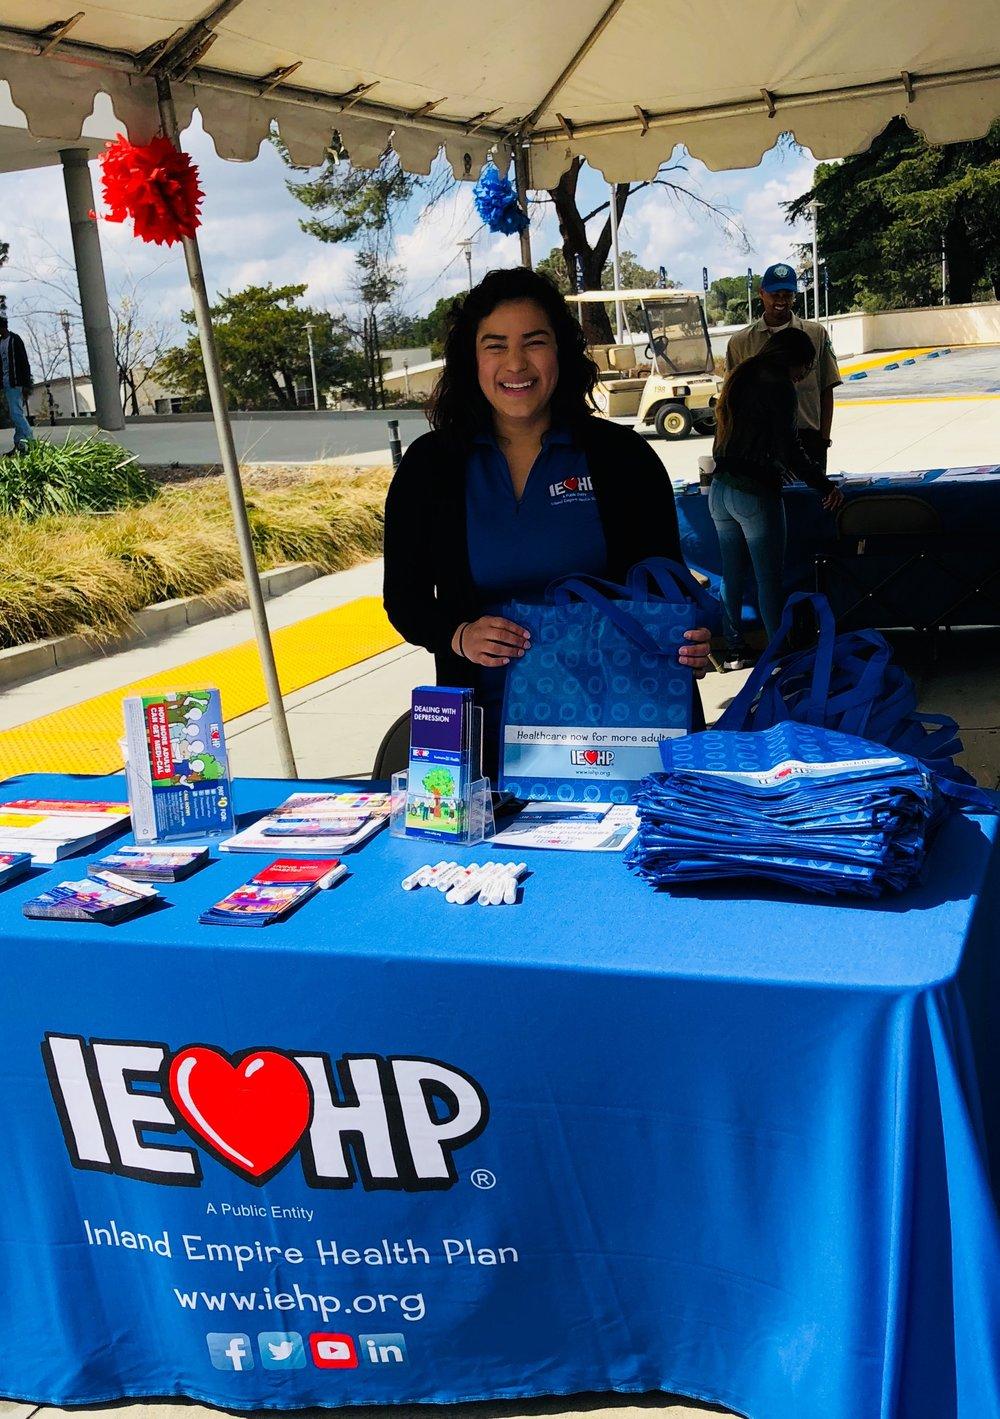 IEHP Representative Diana Alvarado